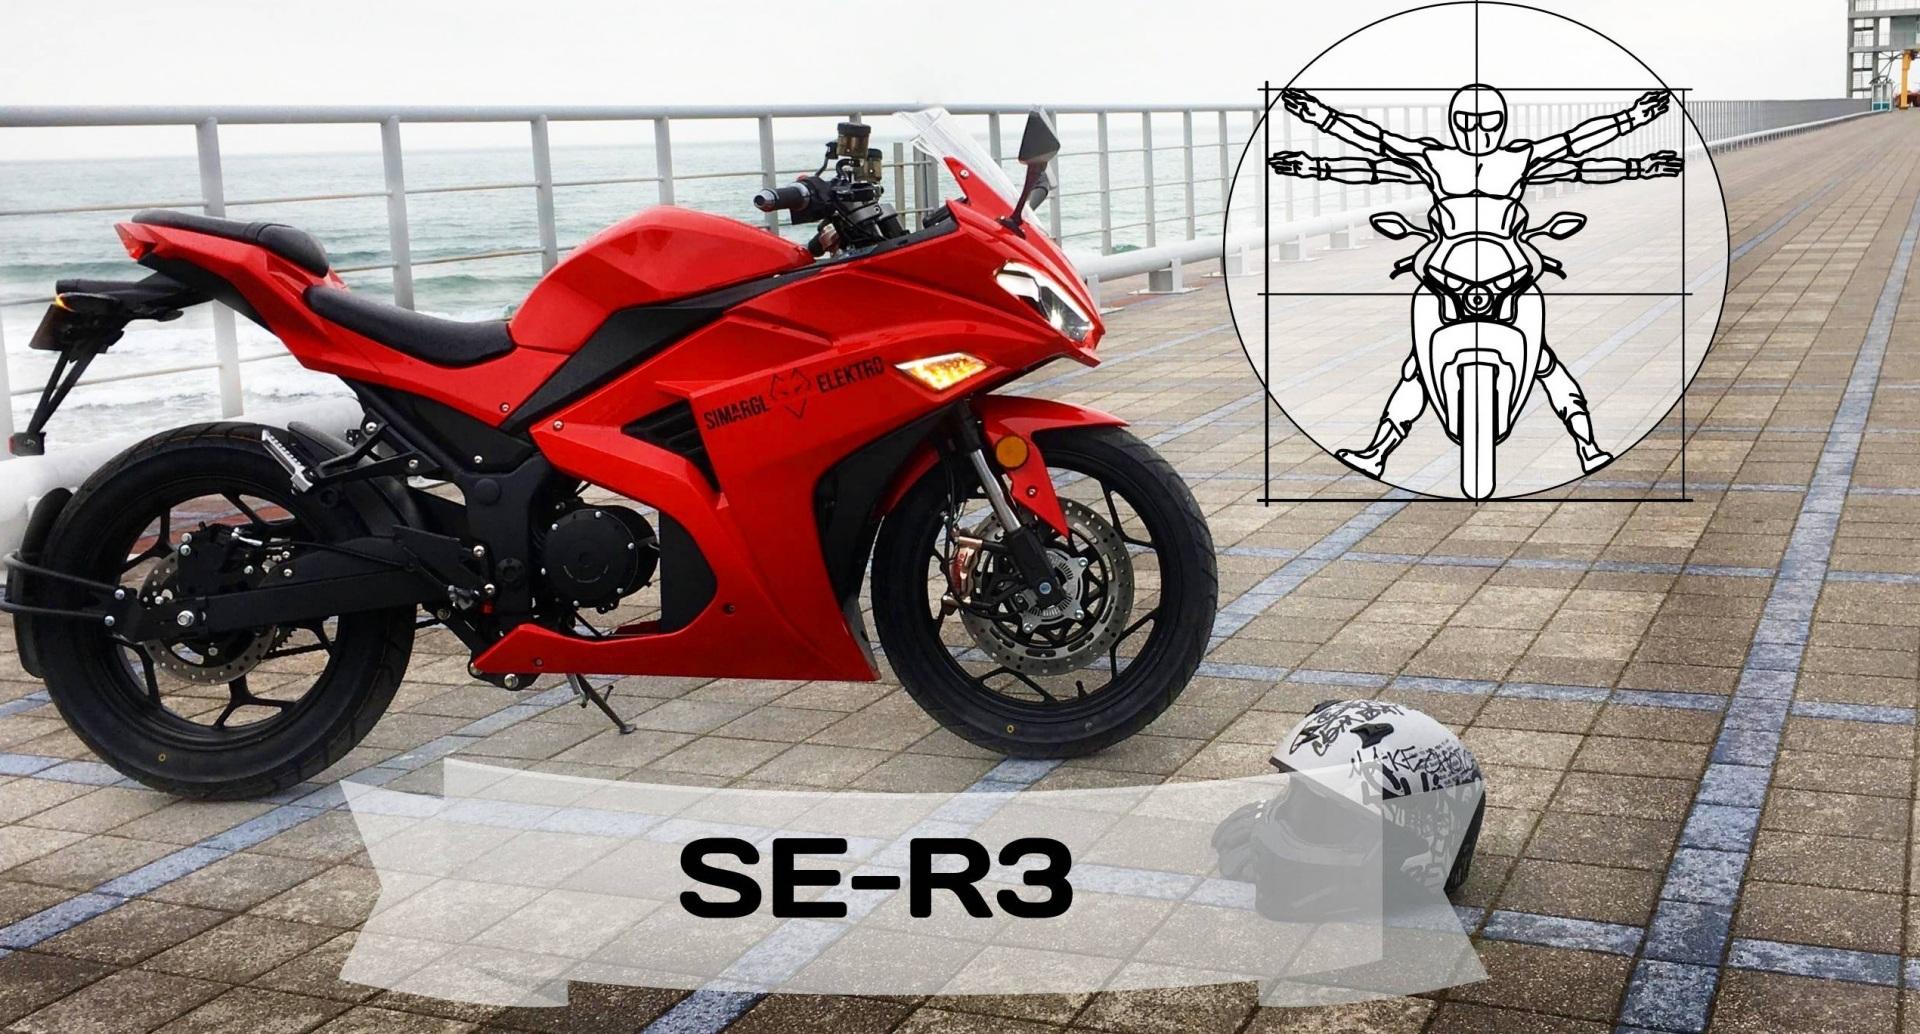 Новый электрический мотоцикл SE-R3: китайская копия, превзошедшая оригинал?